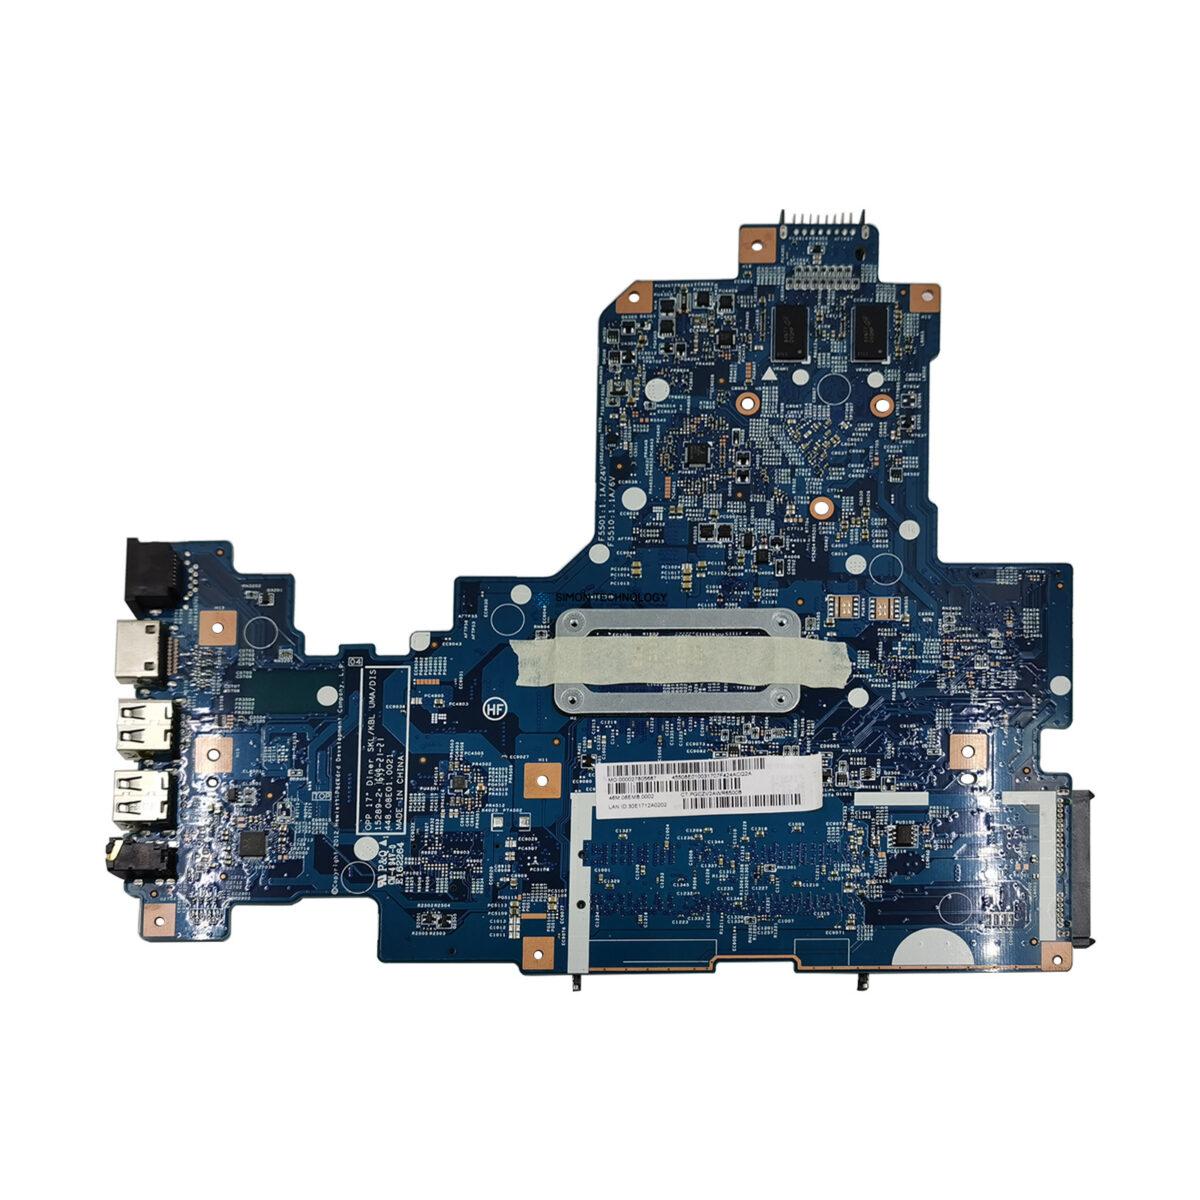 HPI MB DSC R5 M1-30 2GB i3-6006U 2 (911333-001)